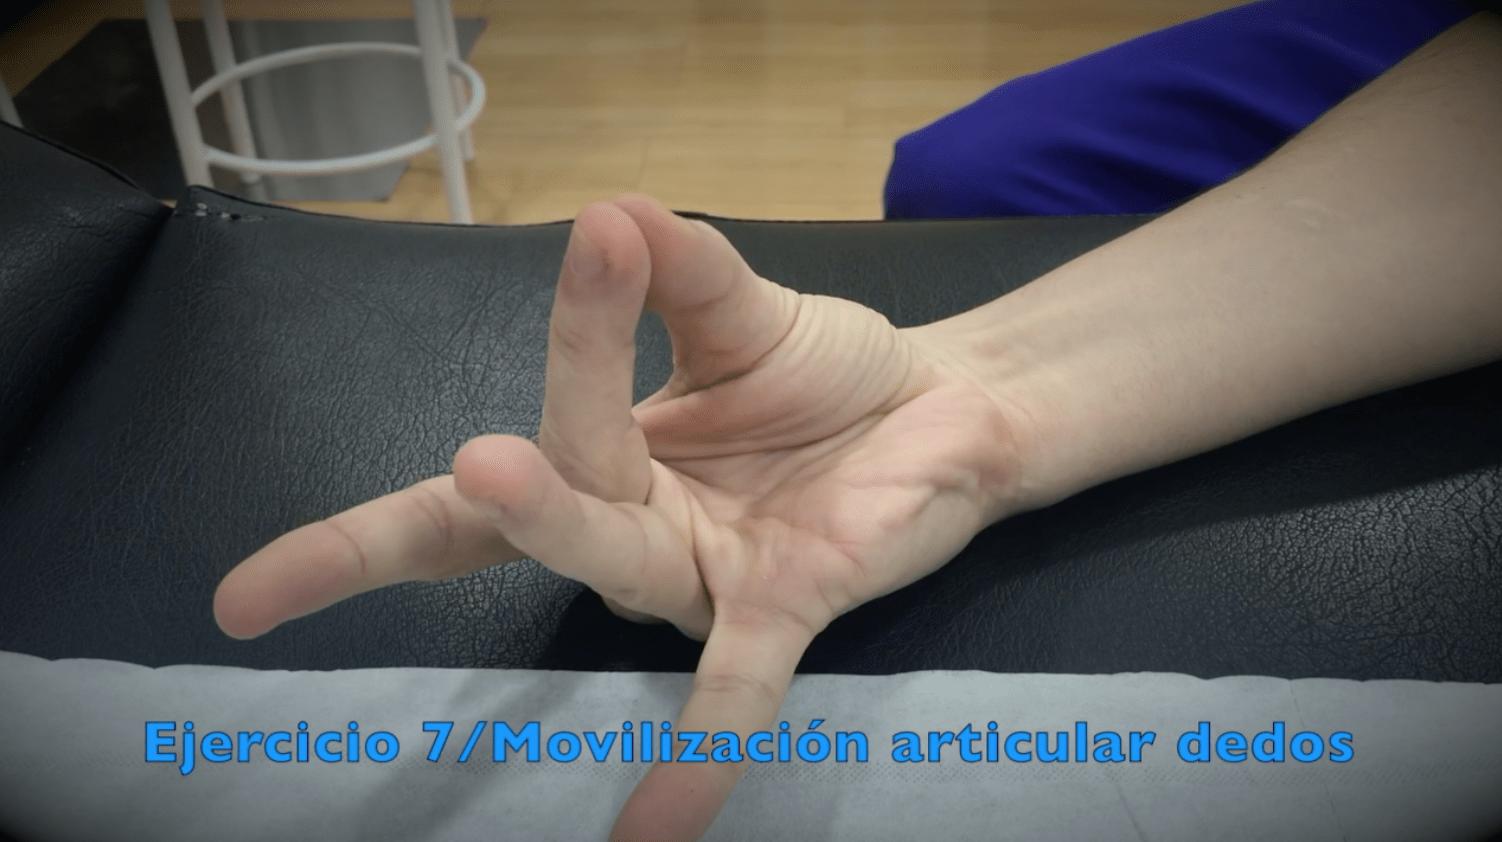 Ejercicios para fractura de colles movilizacion articular dedos